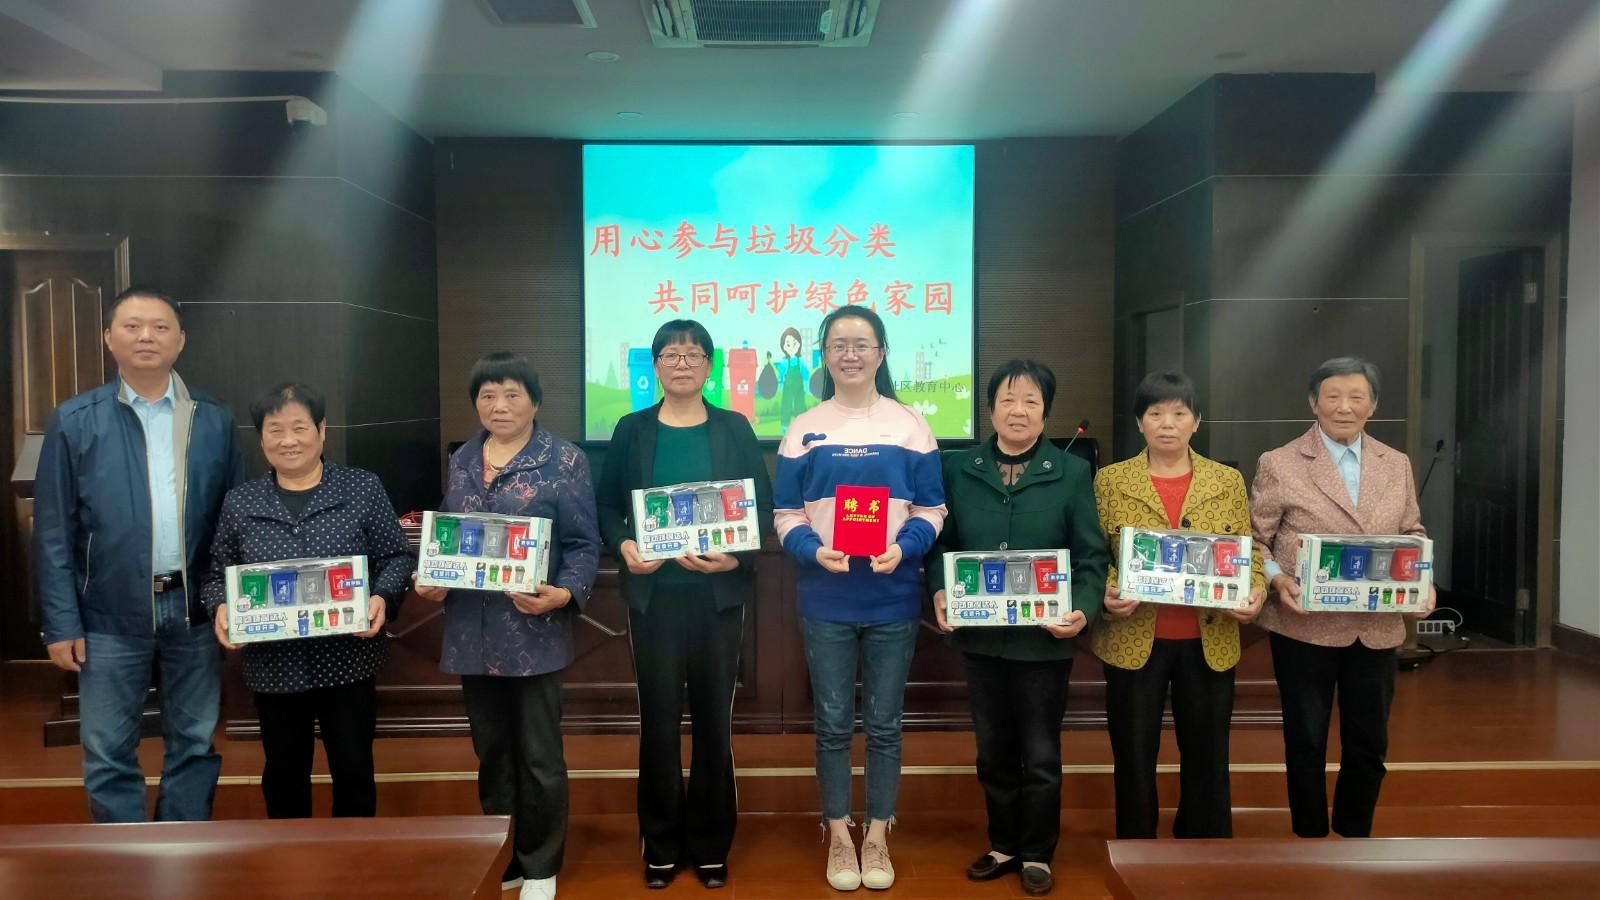 http://www.goschool.org.cn/d/file/53194668.jpg